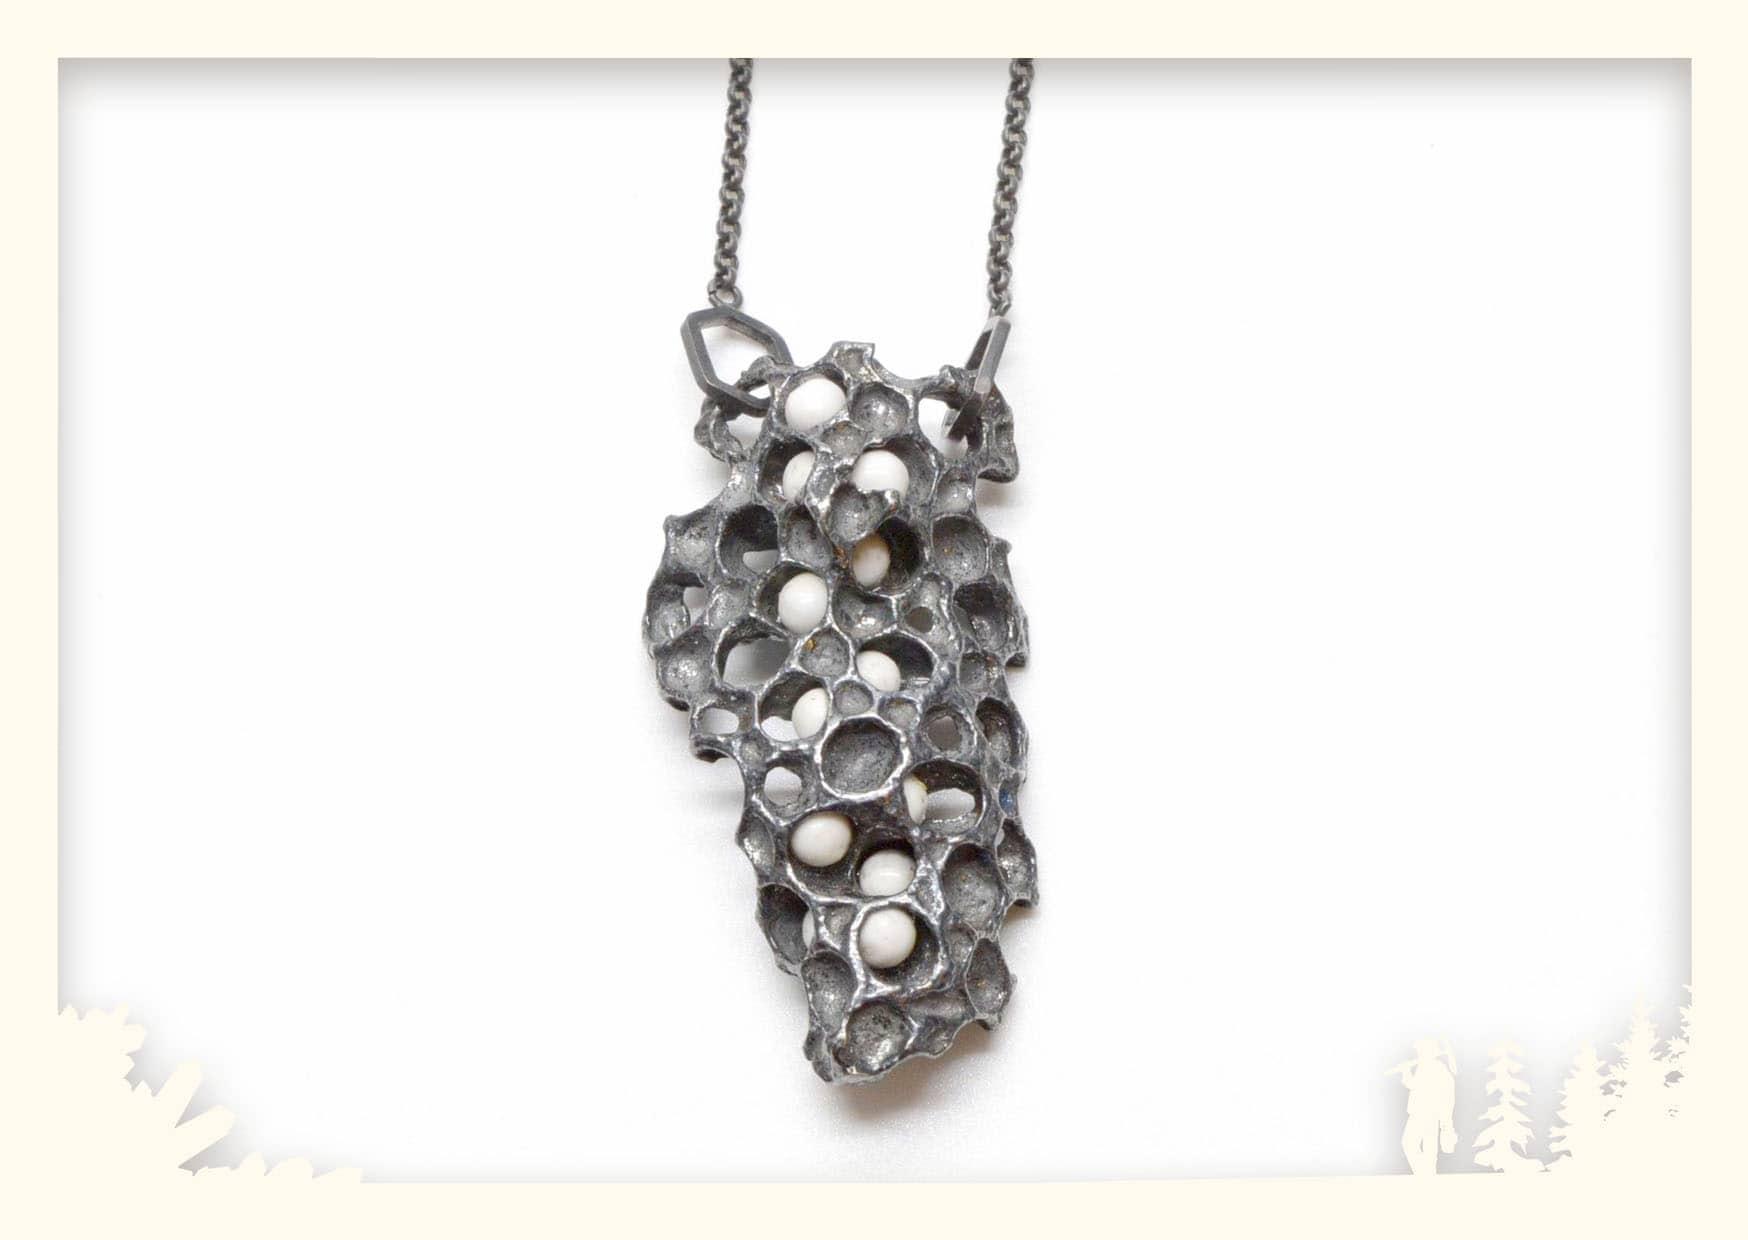 Kette Wilder Wabenbau, Silber geschwärzt